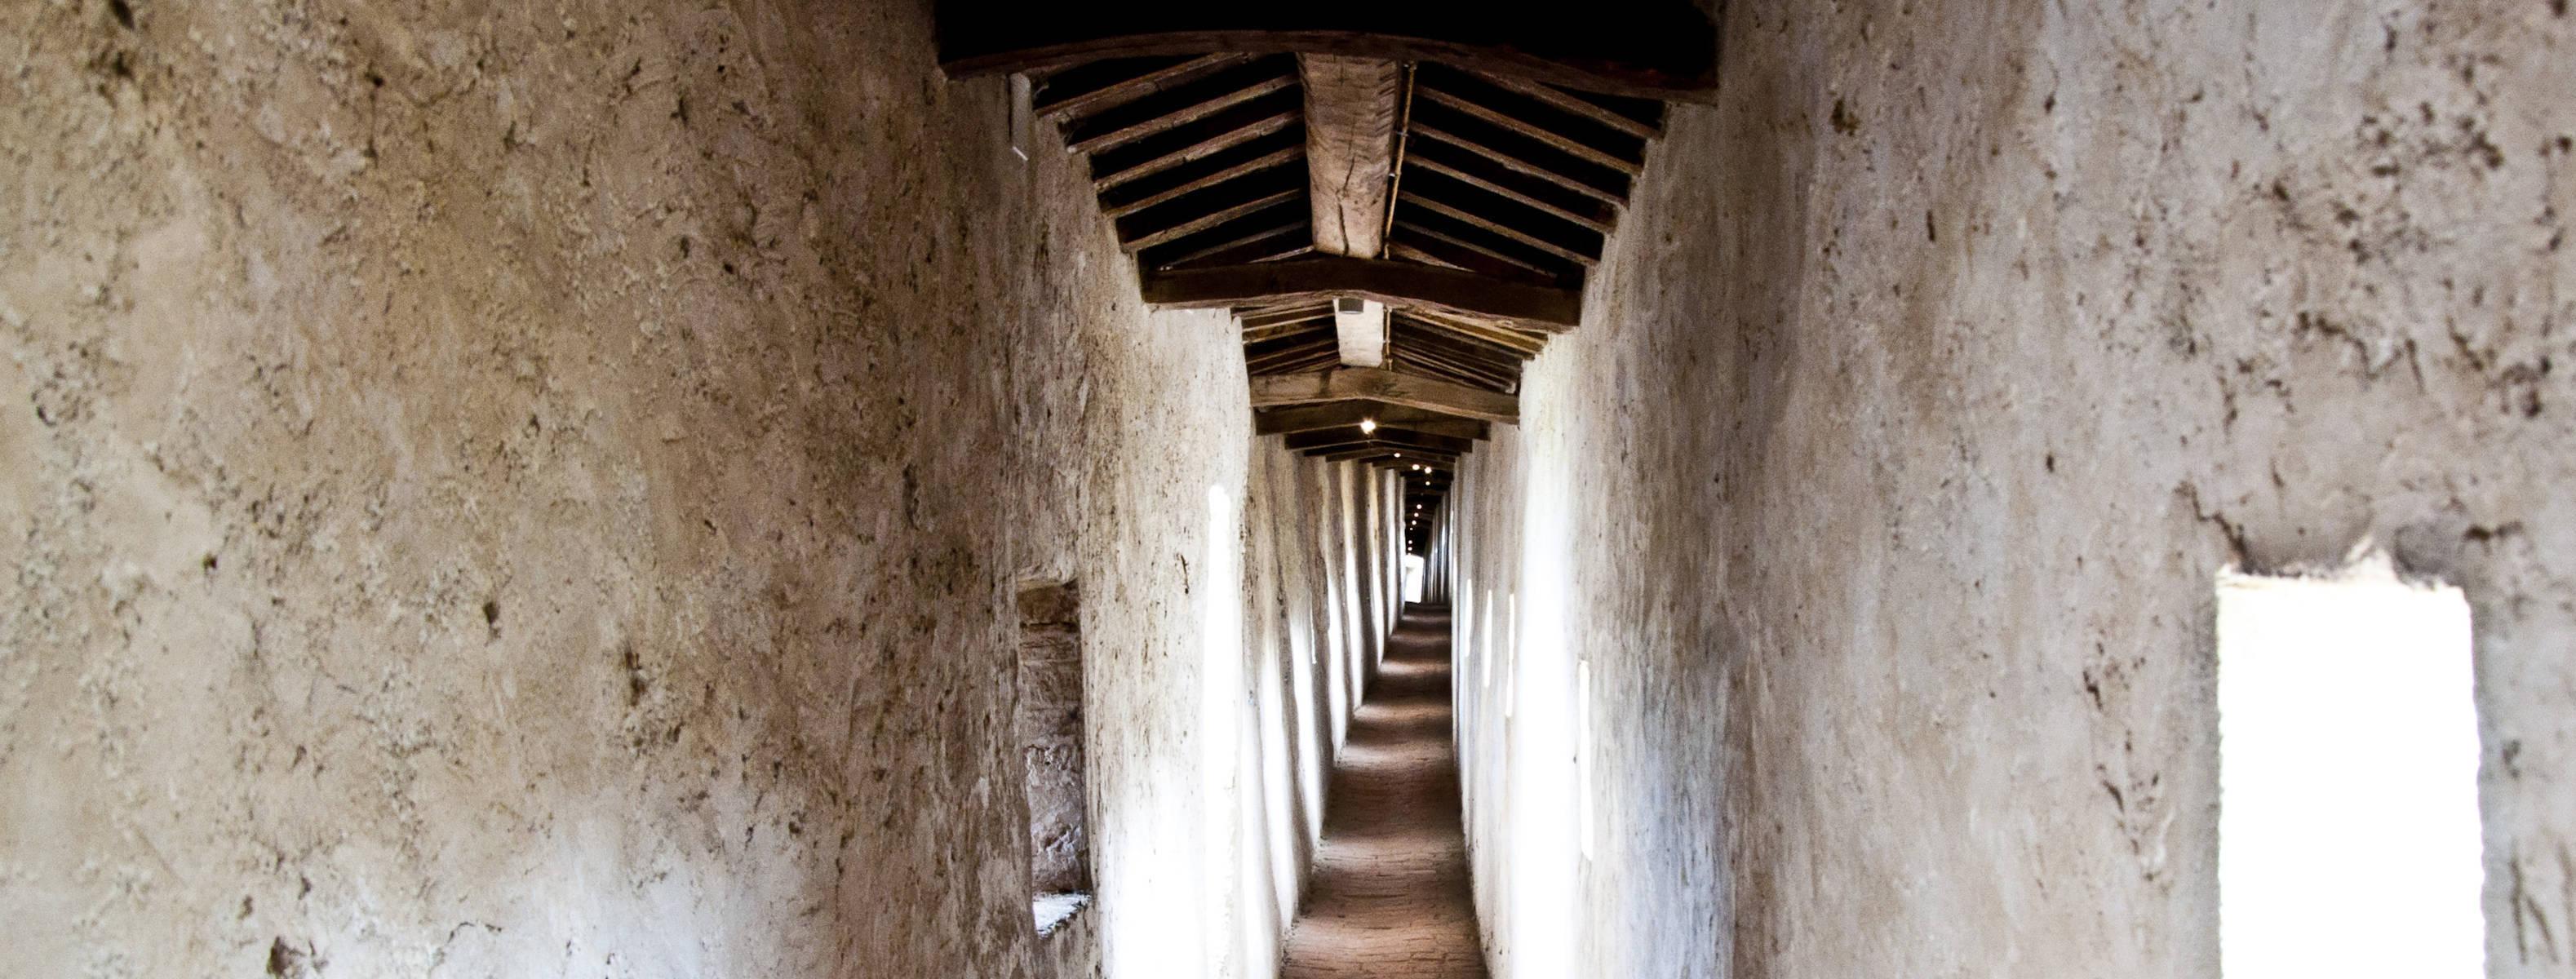 Palazzo della Corgna